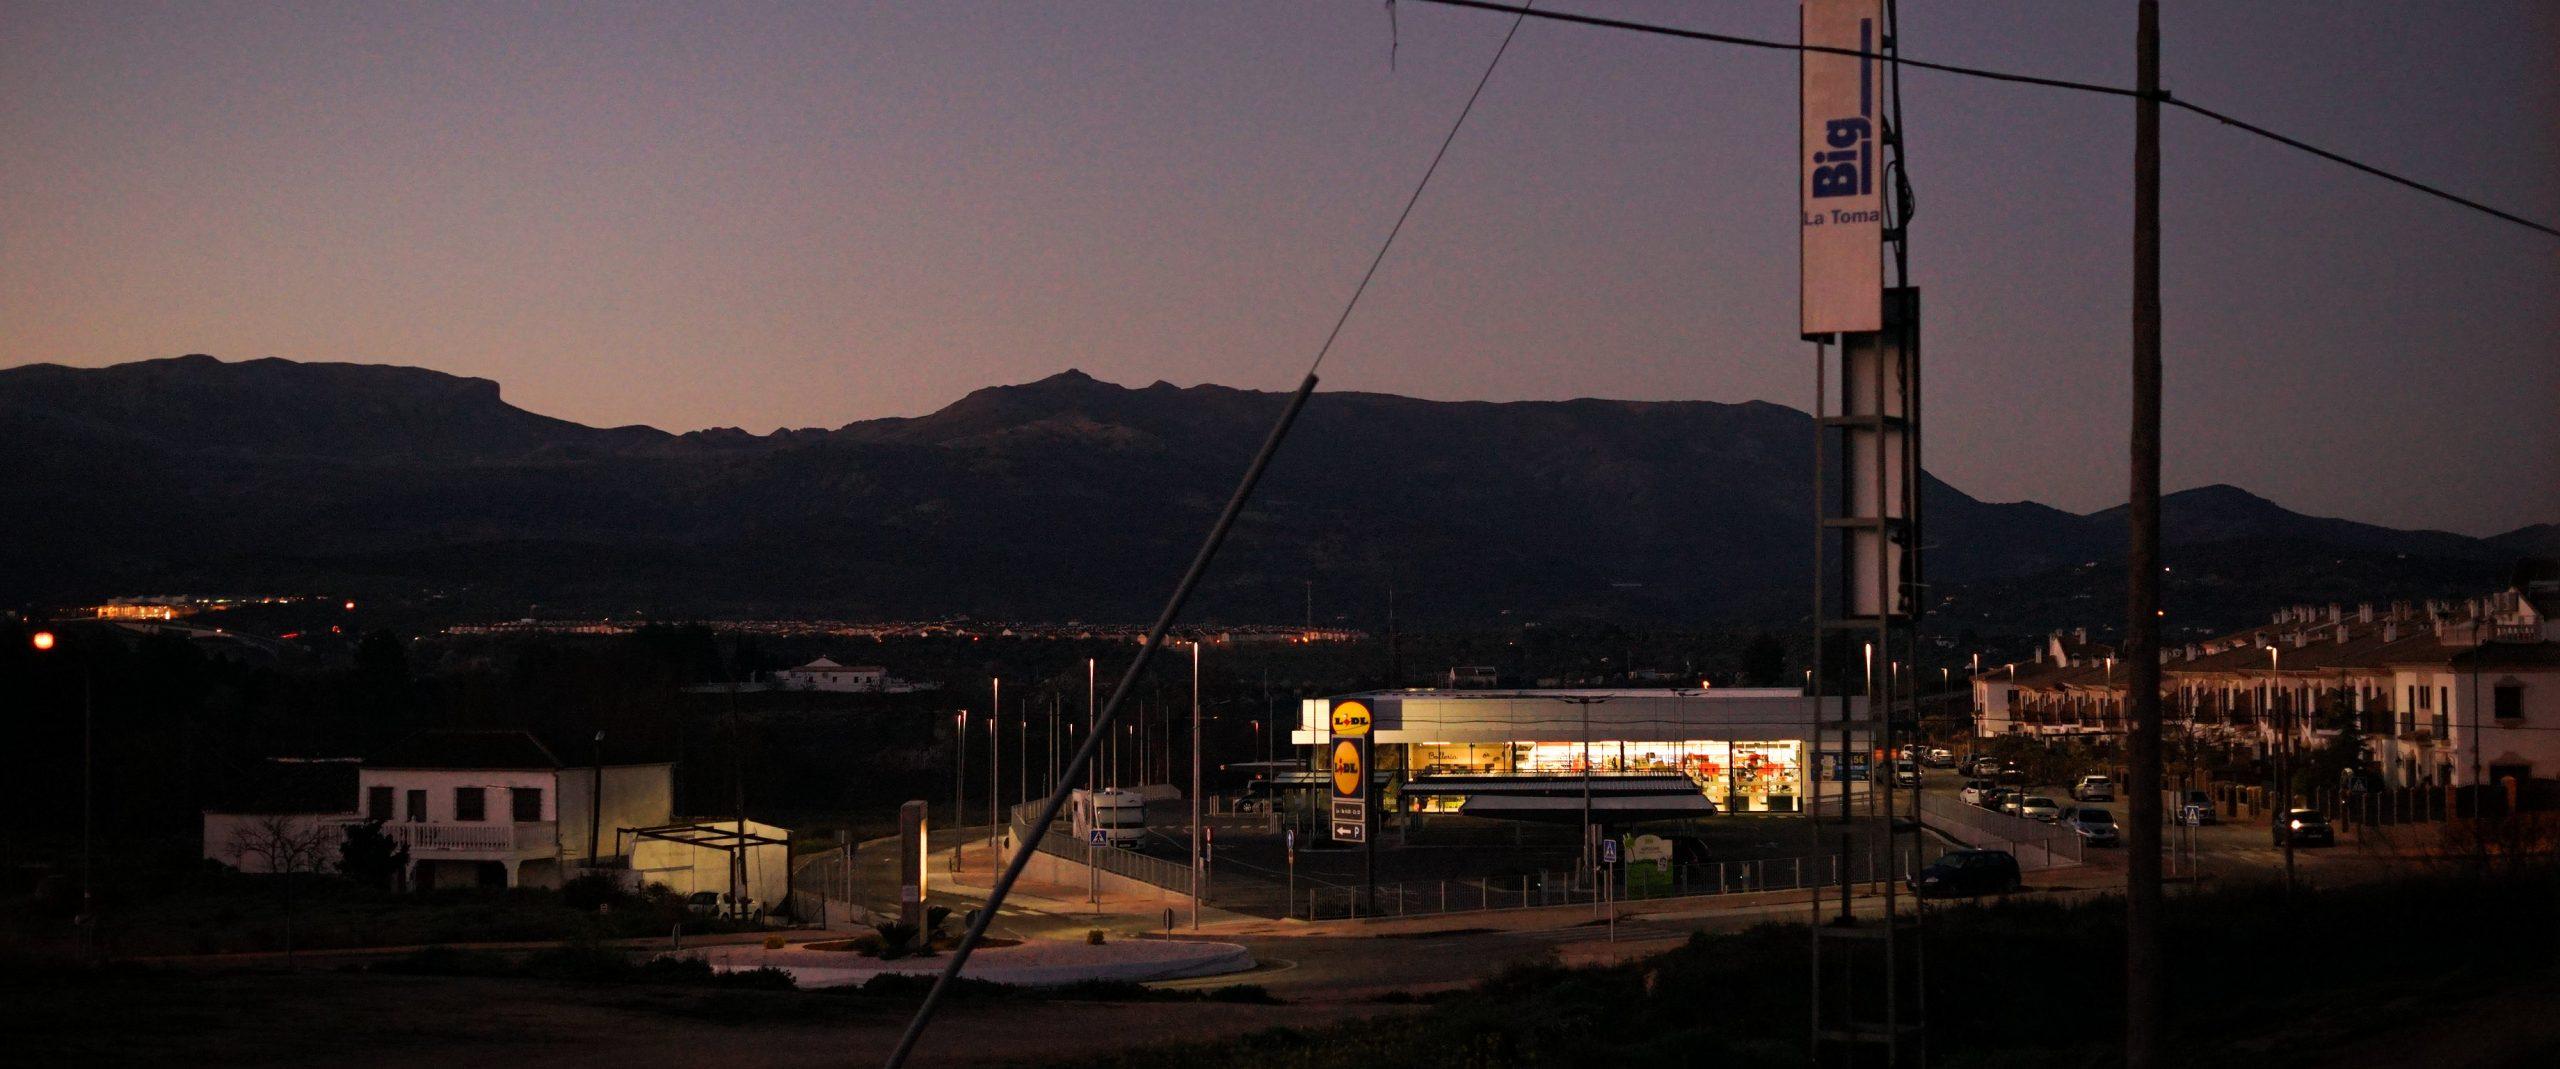 corona-krise-auf-reisen-supermarkt-spanien-früher-morgen